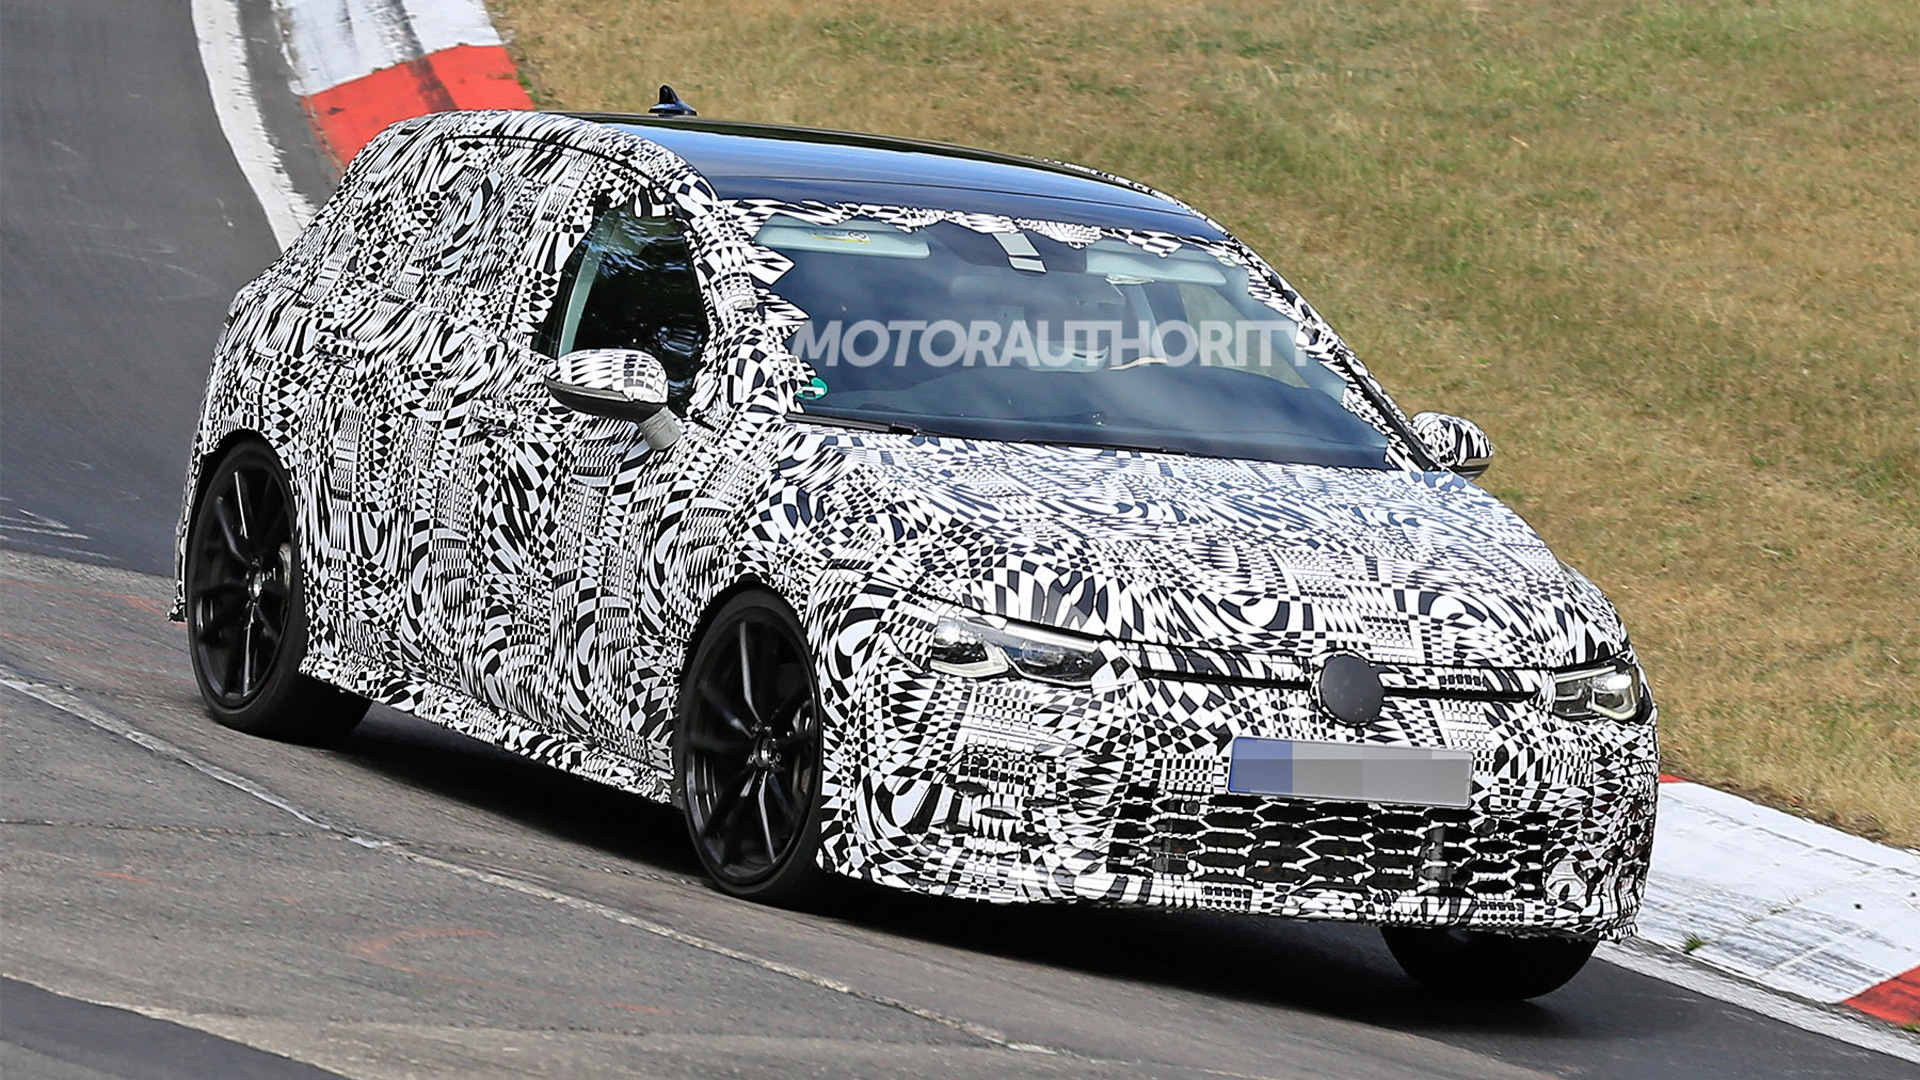 2021 Volkswagen Golf GTI spy shots - Image via S. Baldauf/SB-Medien